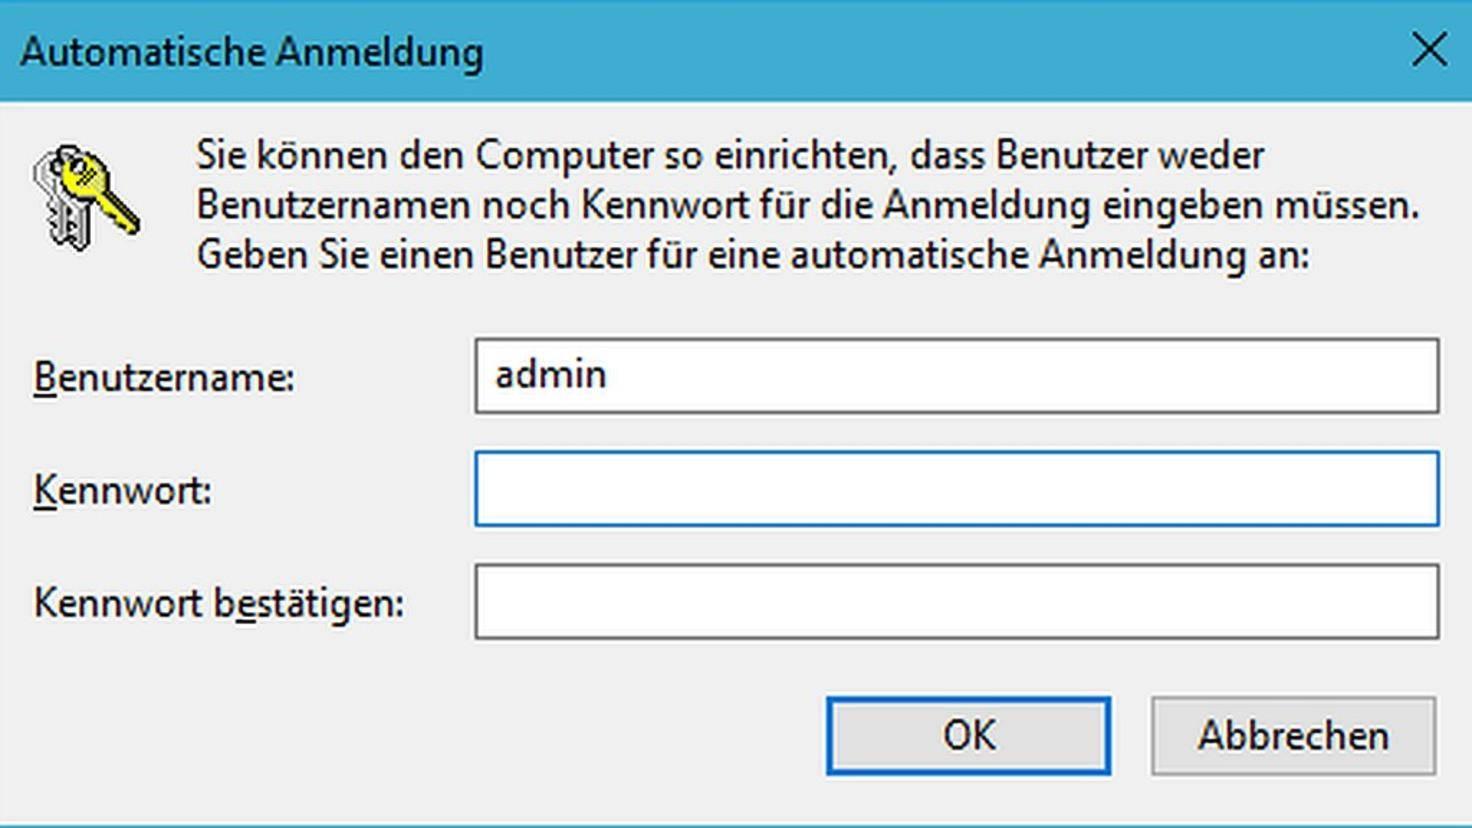 Windows-10-Benutzer-Kennwort-Automatische-Anmeldung